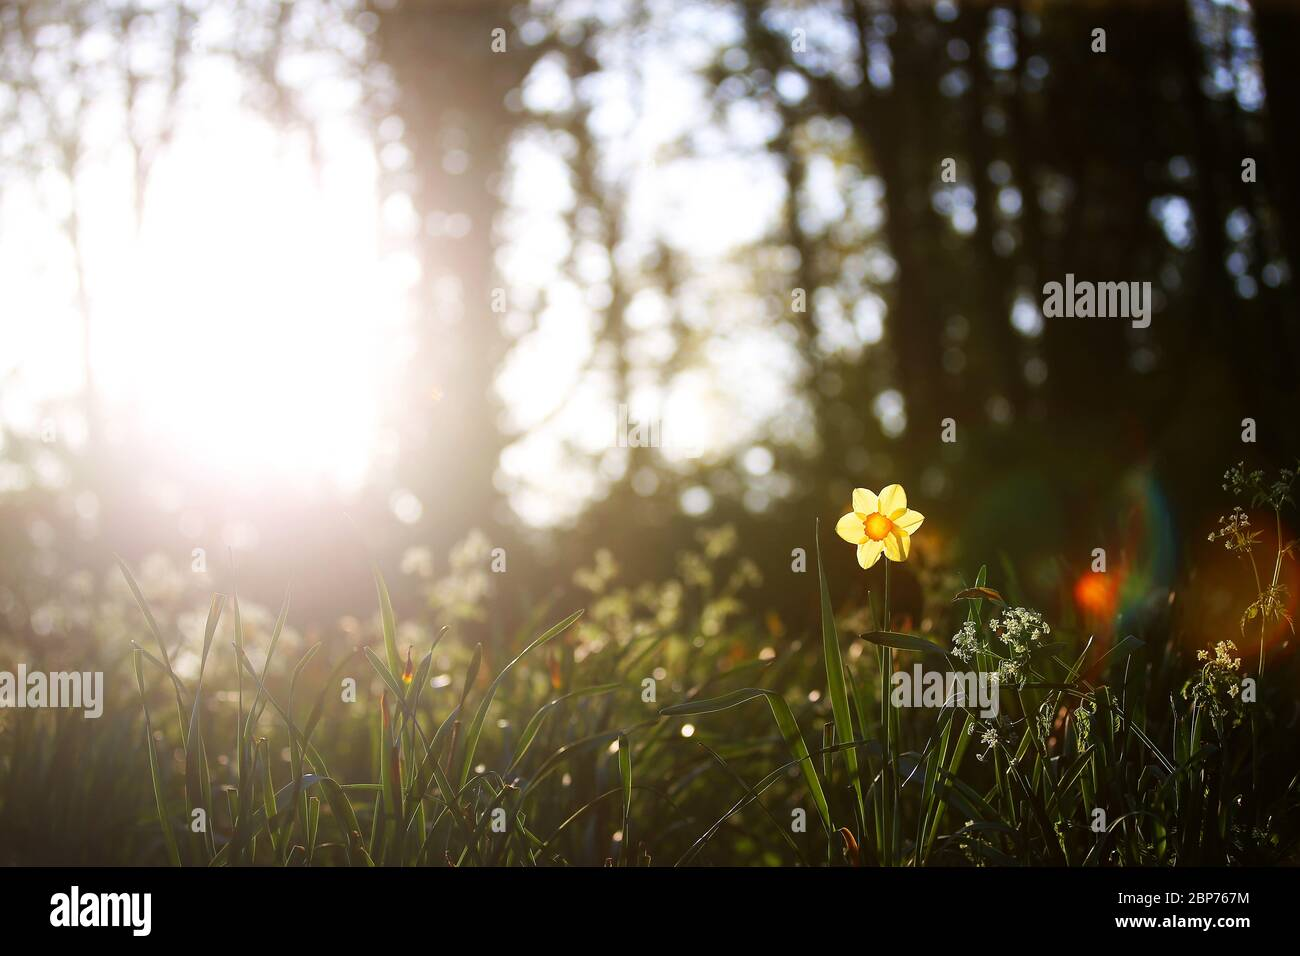 Un daffodil è illuminato dal sole della mattina presto in un parco nella parte orientale di Belfast, Irlanda del Nord. Foto Stock